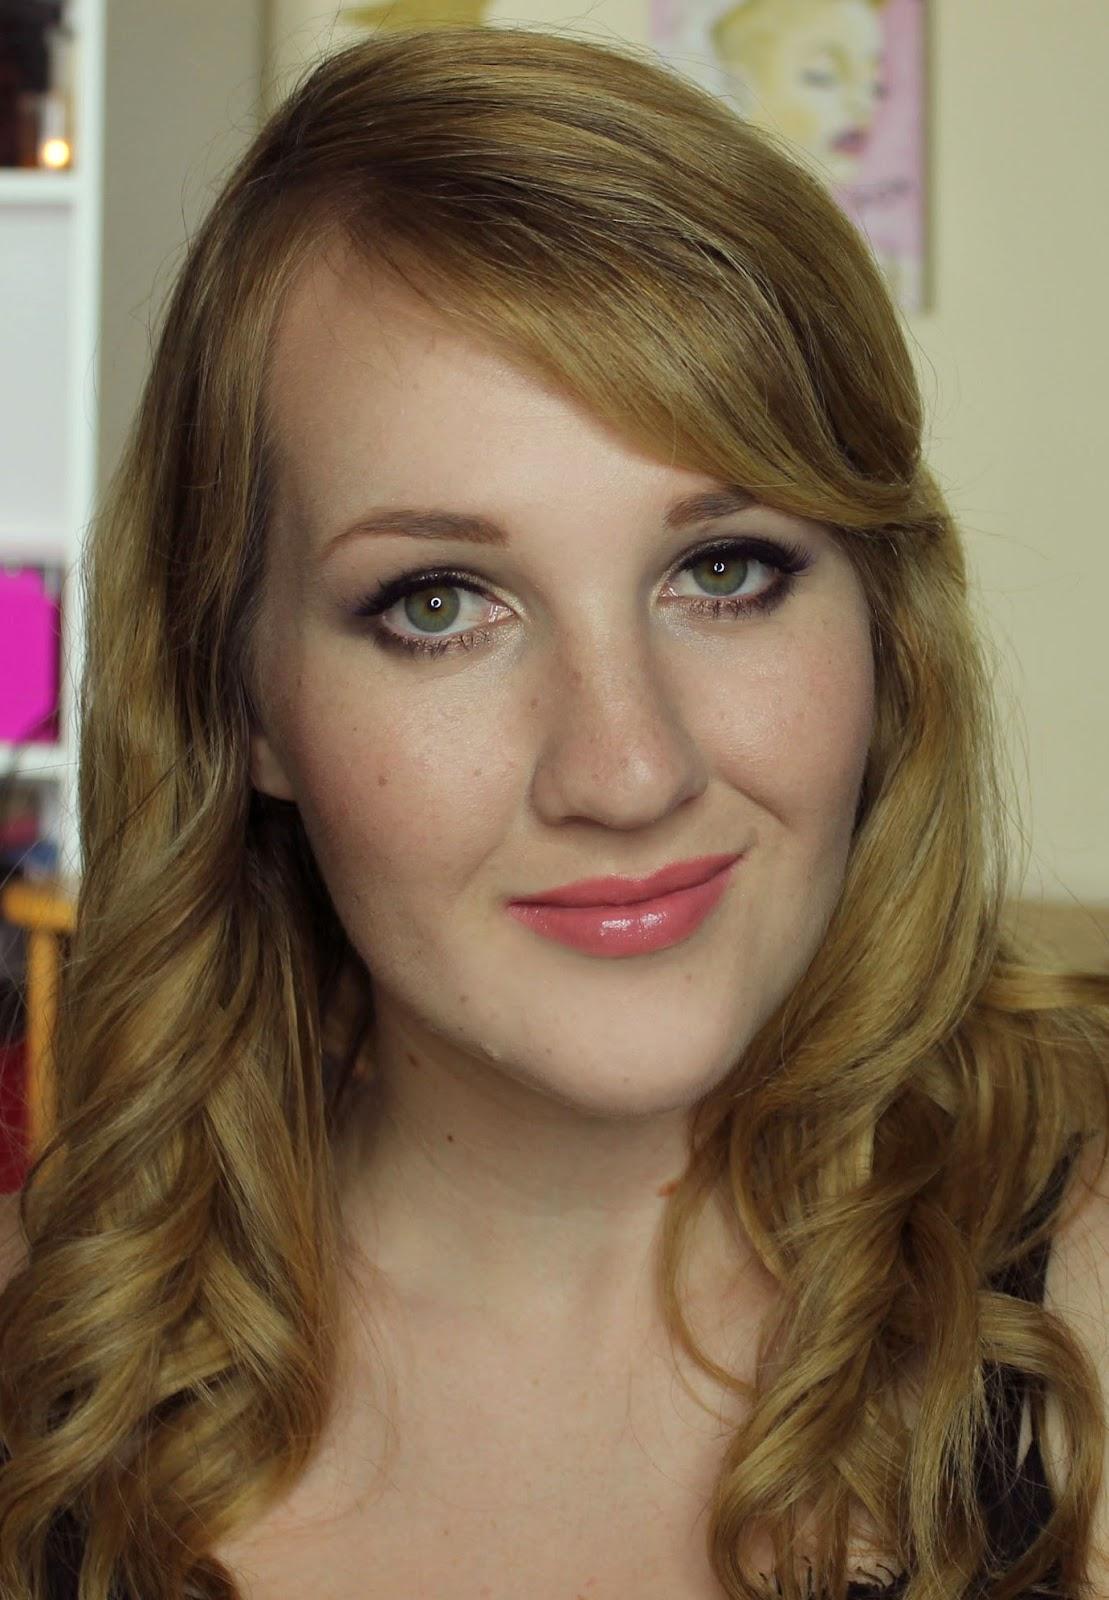 ZA Vibrant Moist Lipstick - PK381s swatches & review